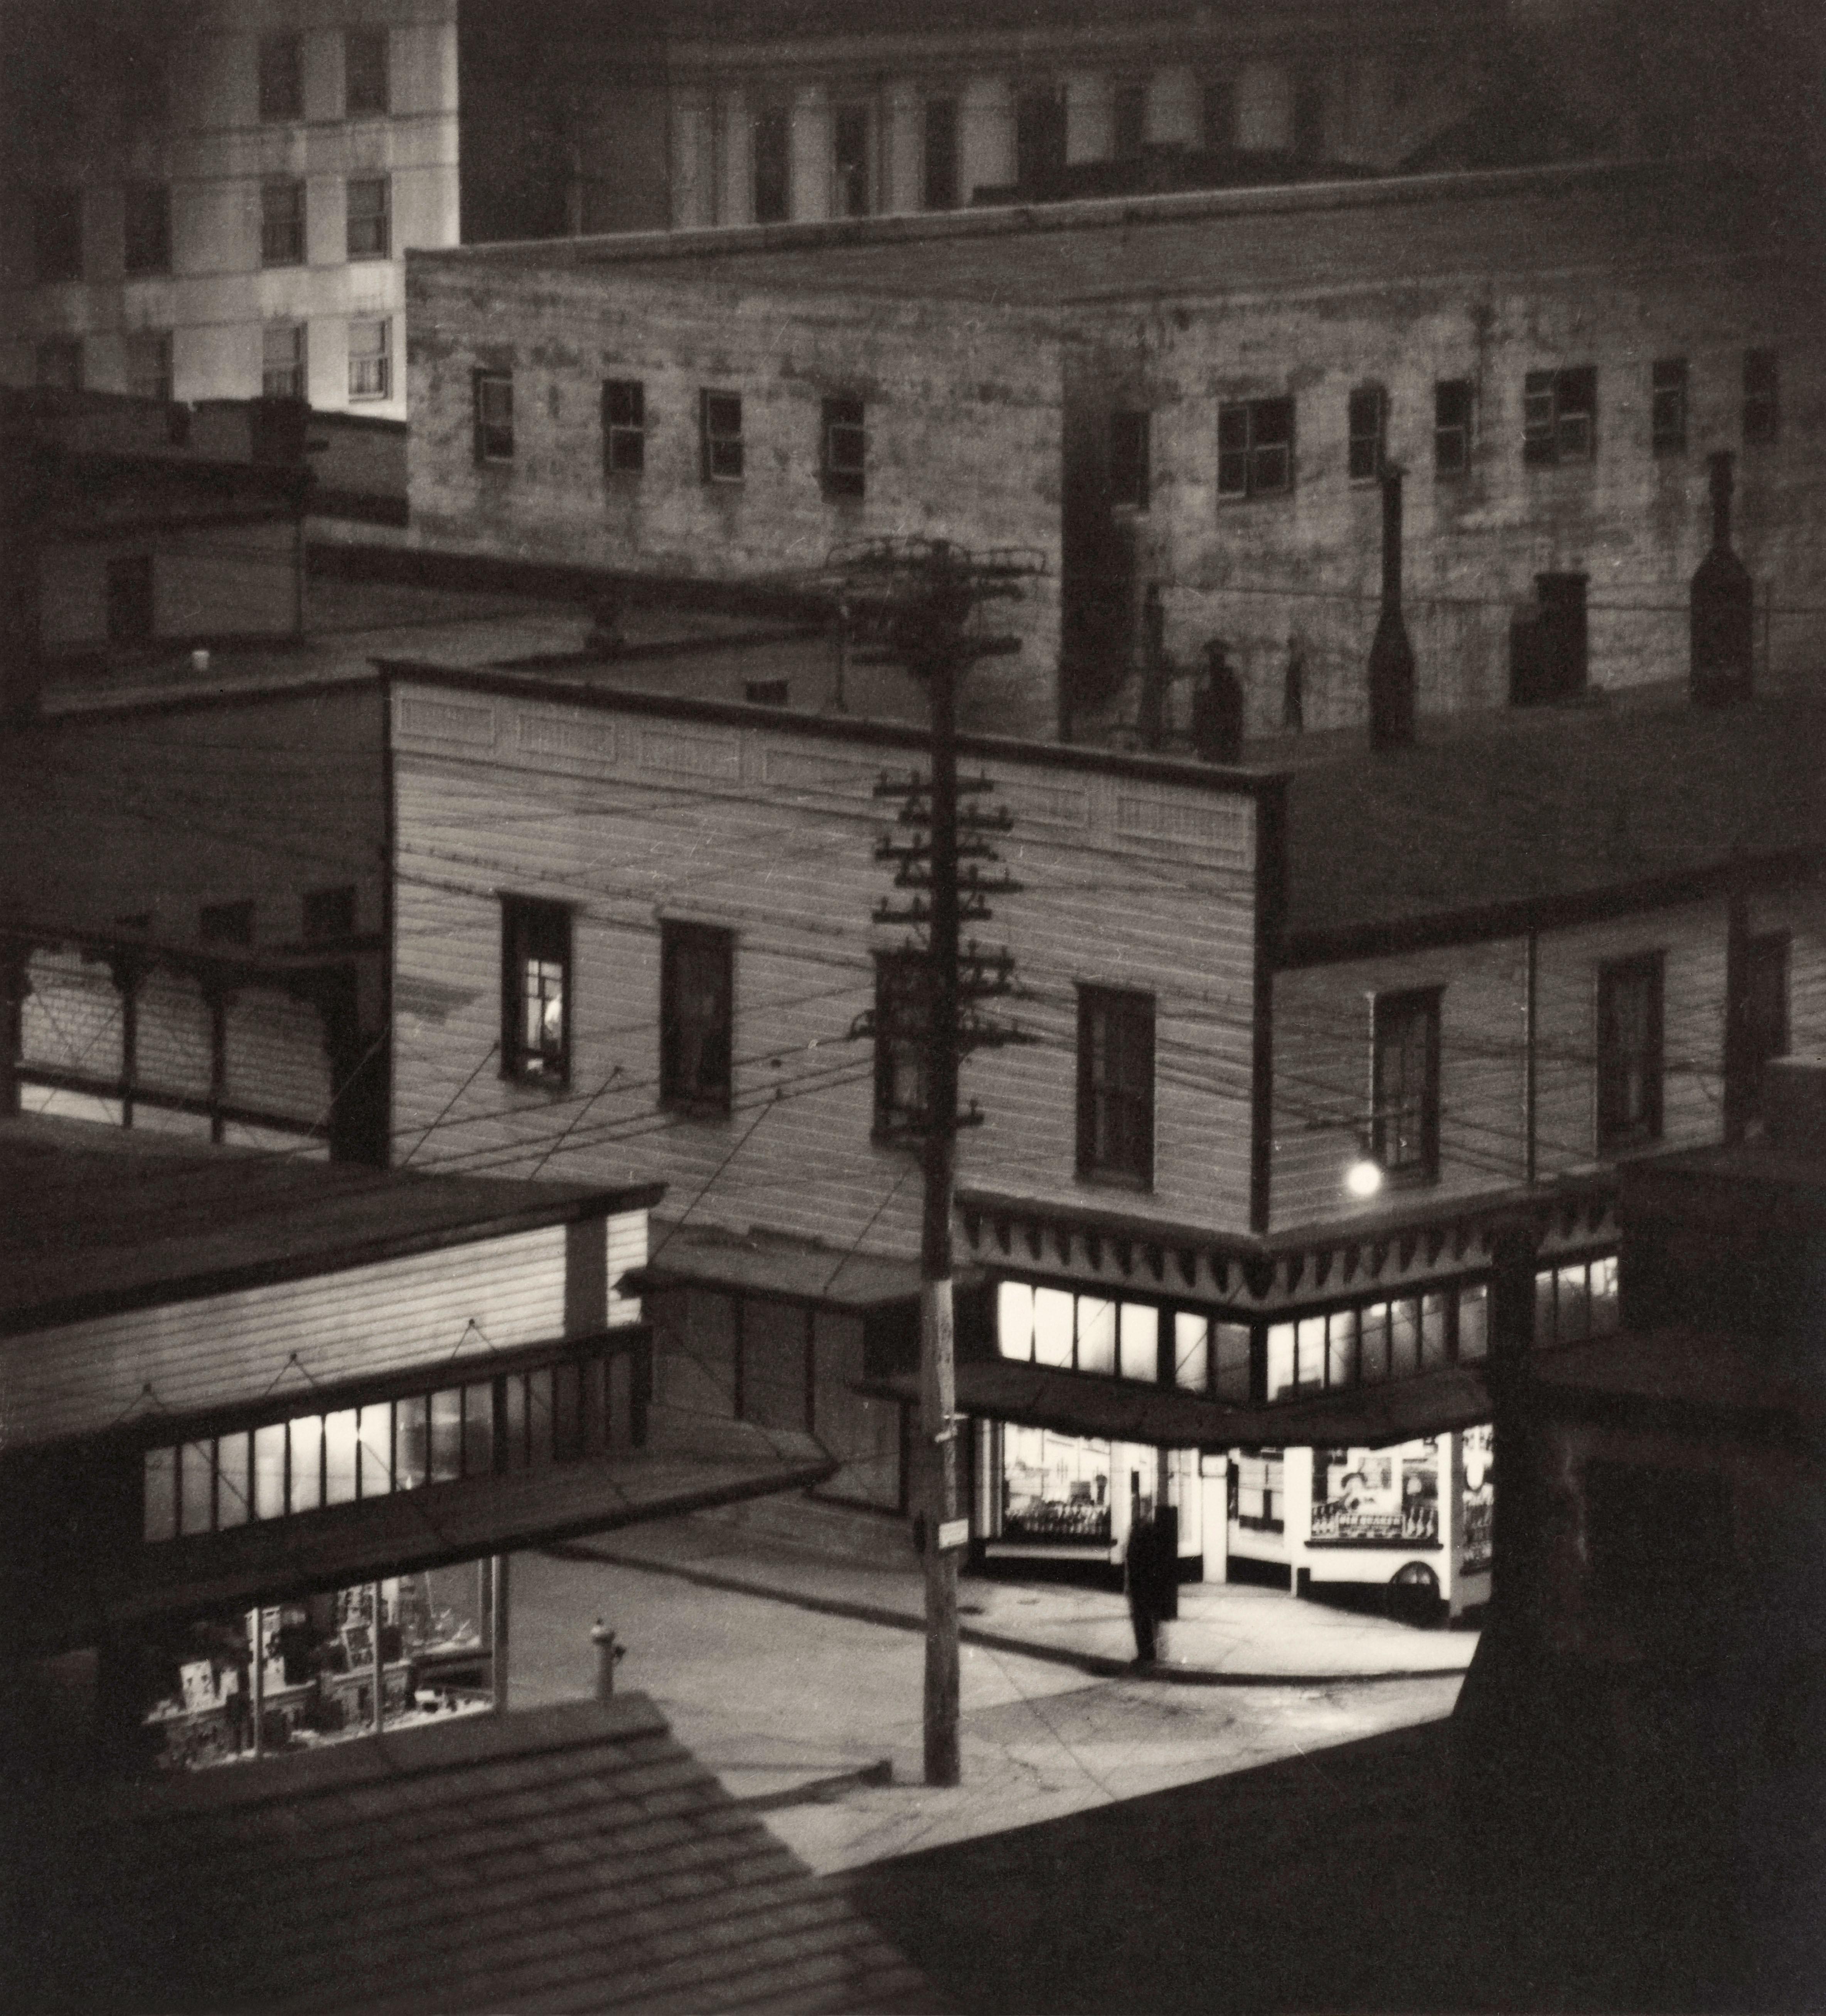 Haffer_-Juneau_1938